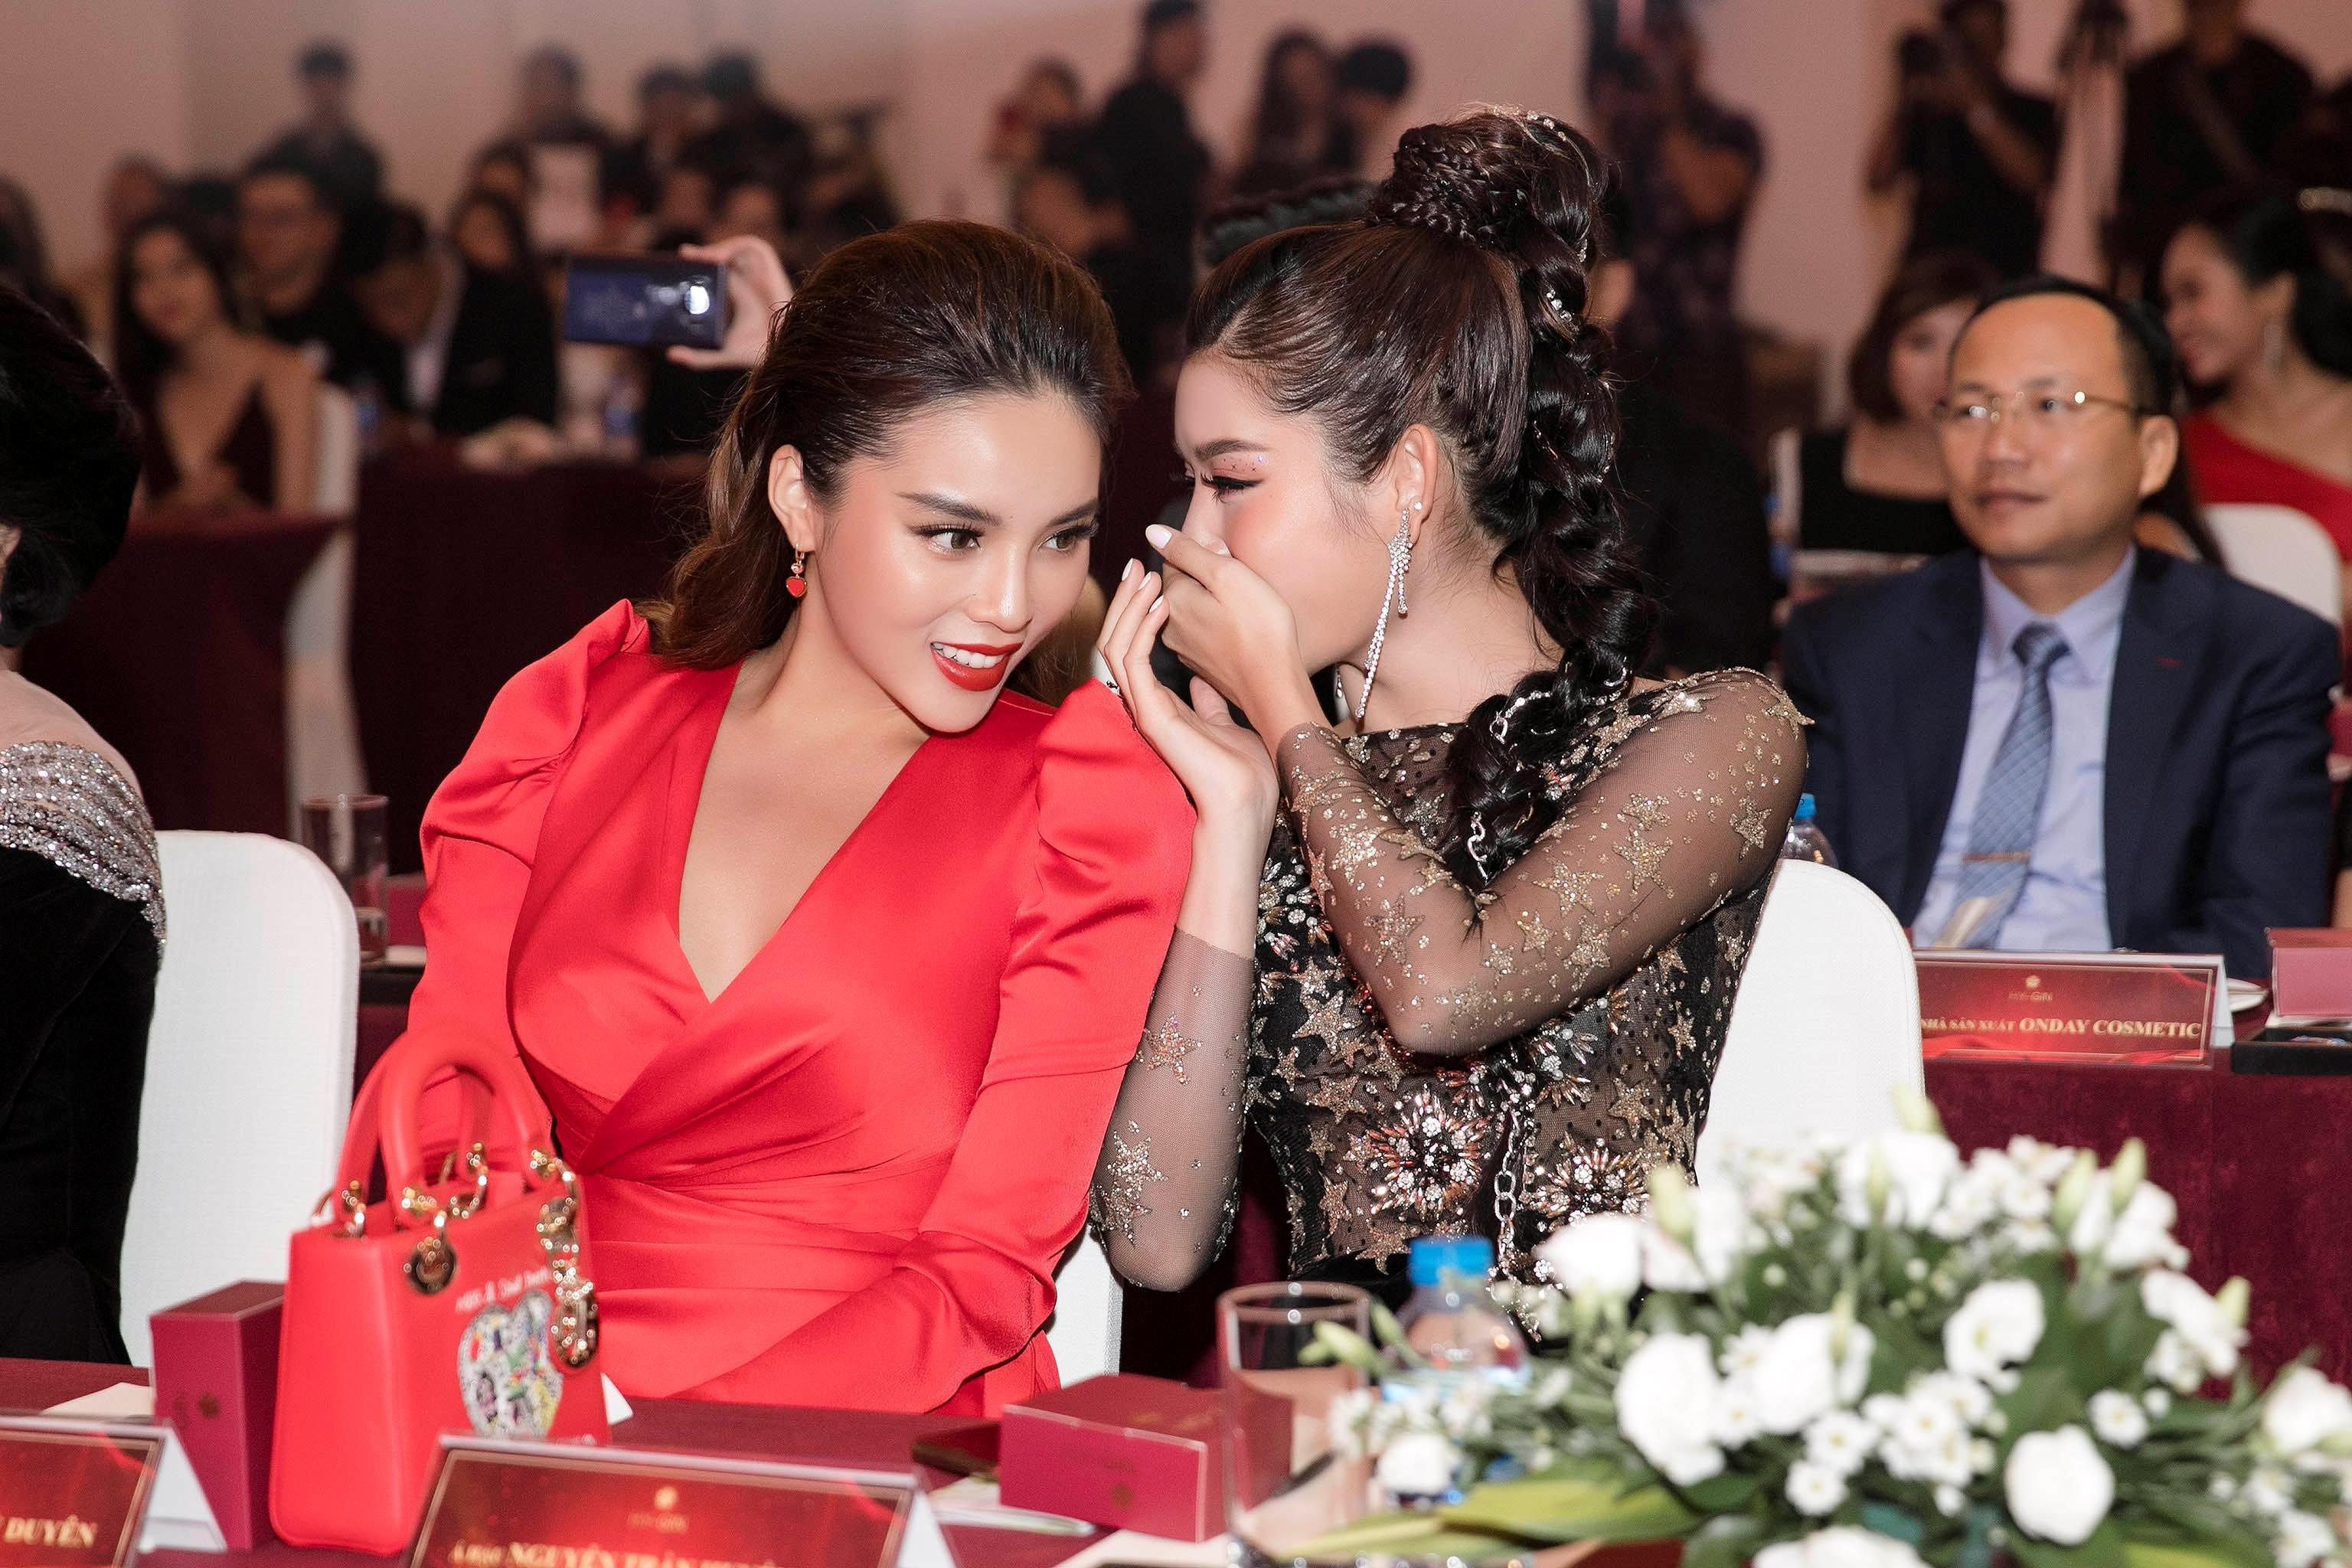 Á hậu Huyền My lộng lẫy tựa 'nữ thần', hội ngộ Hoa hậu Kỳ Duyên Ảnh 11